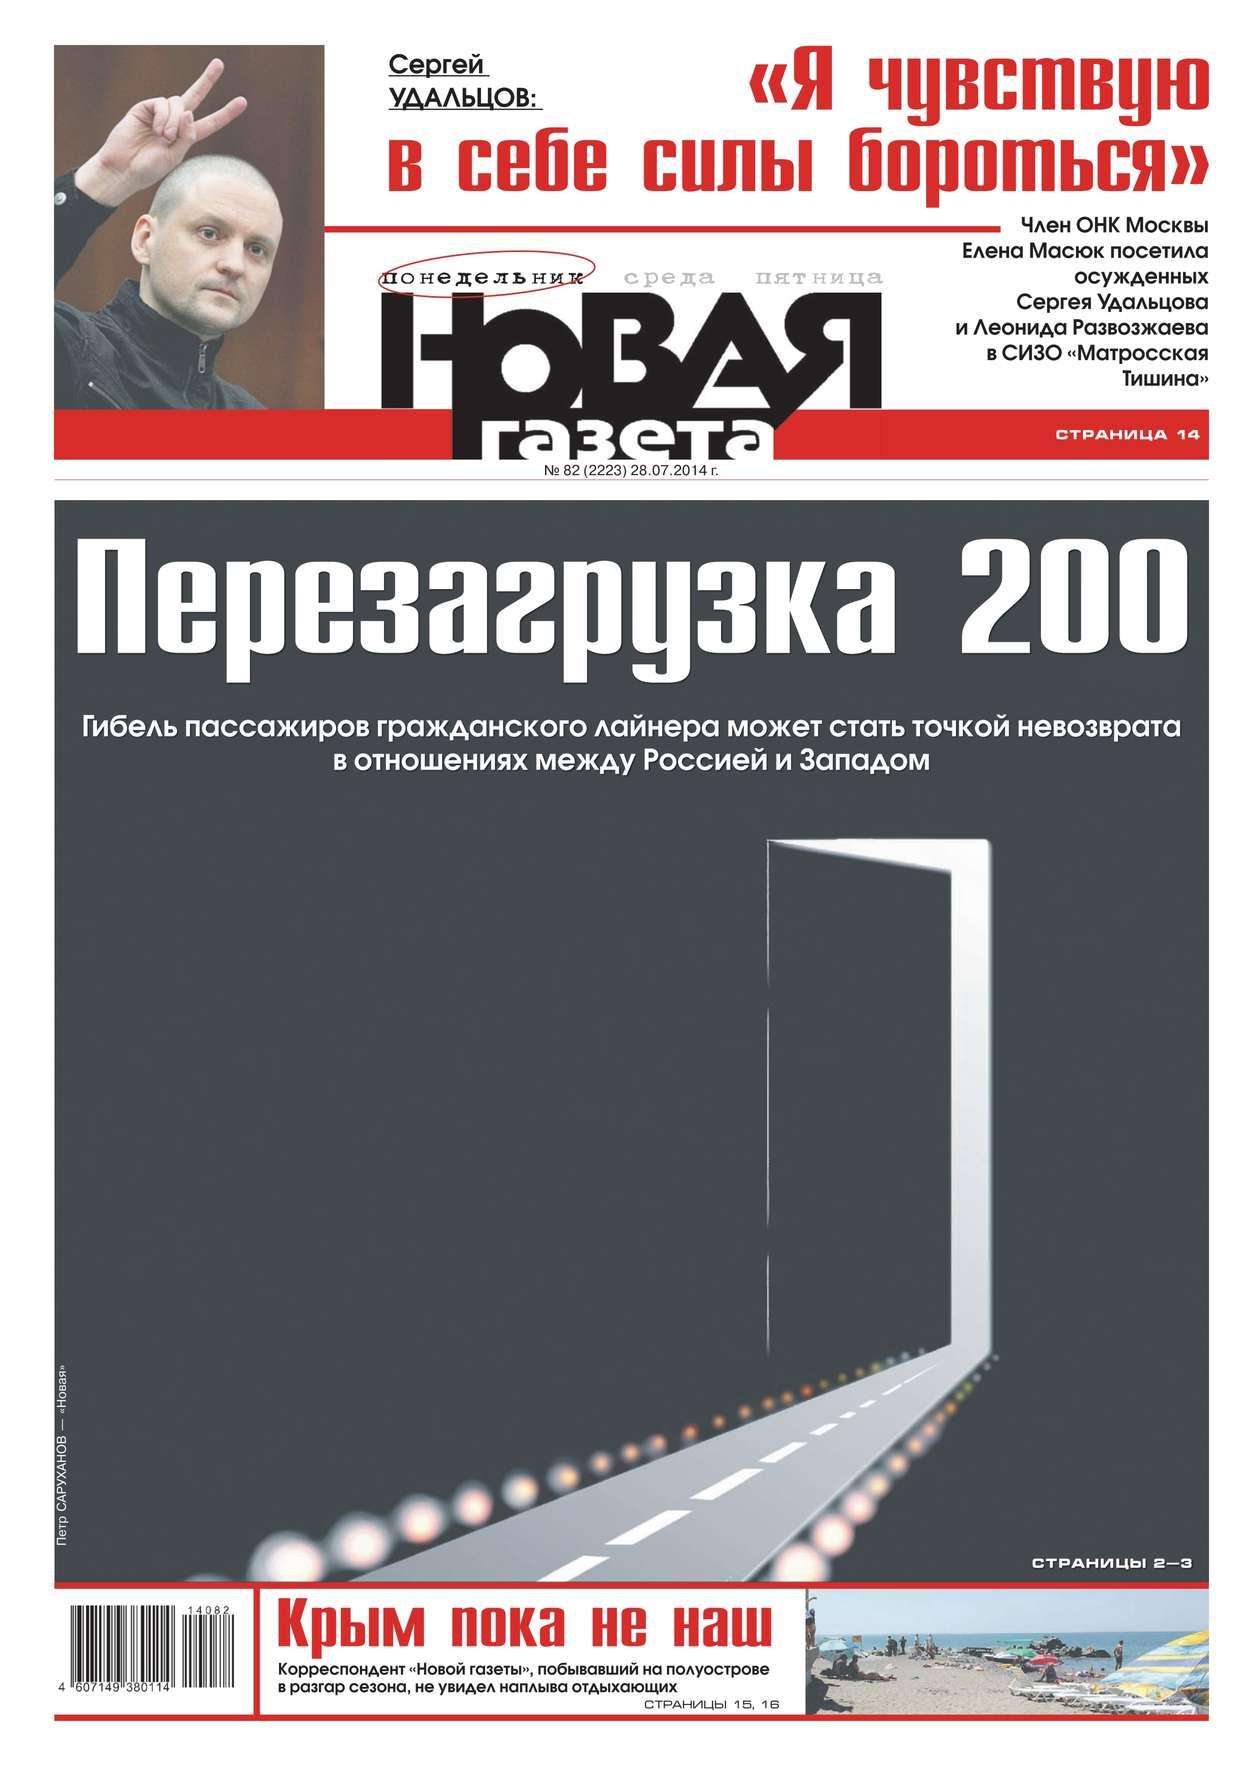 Редакция газеты Новая Газета Новая газета 82-2014 редакция газеты новая газета новая газета 99 2014